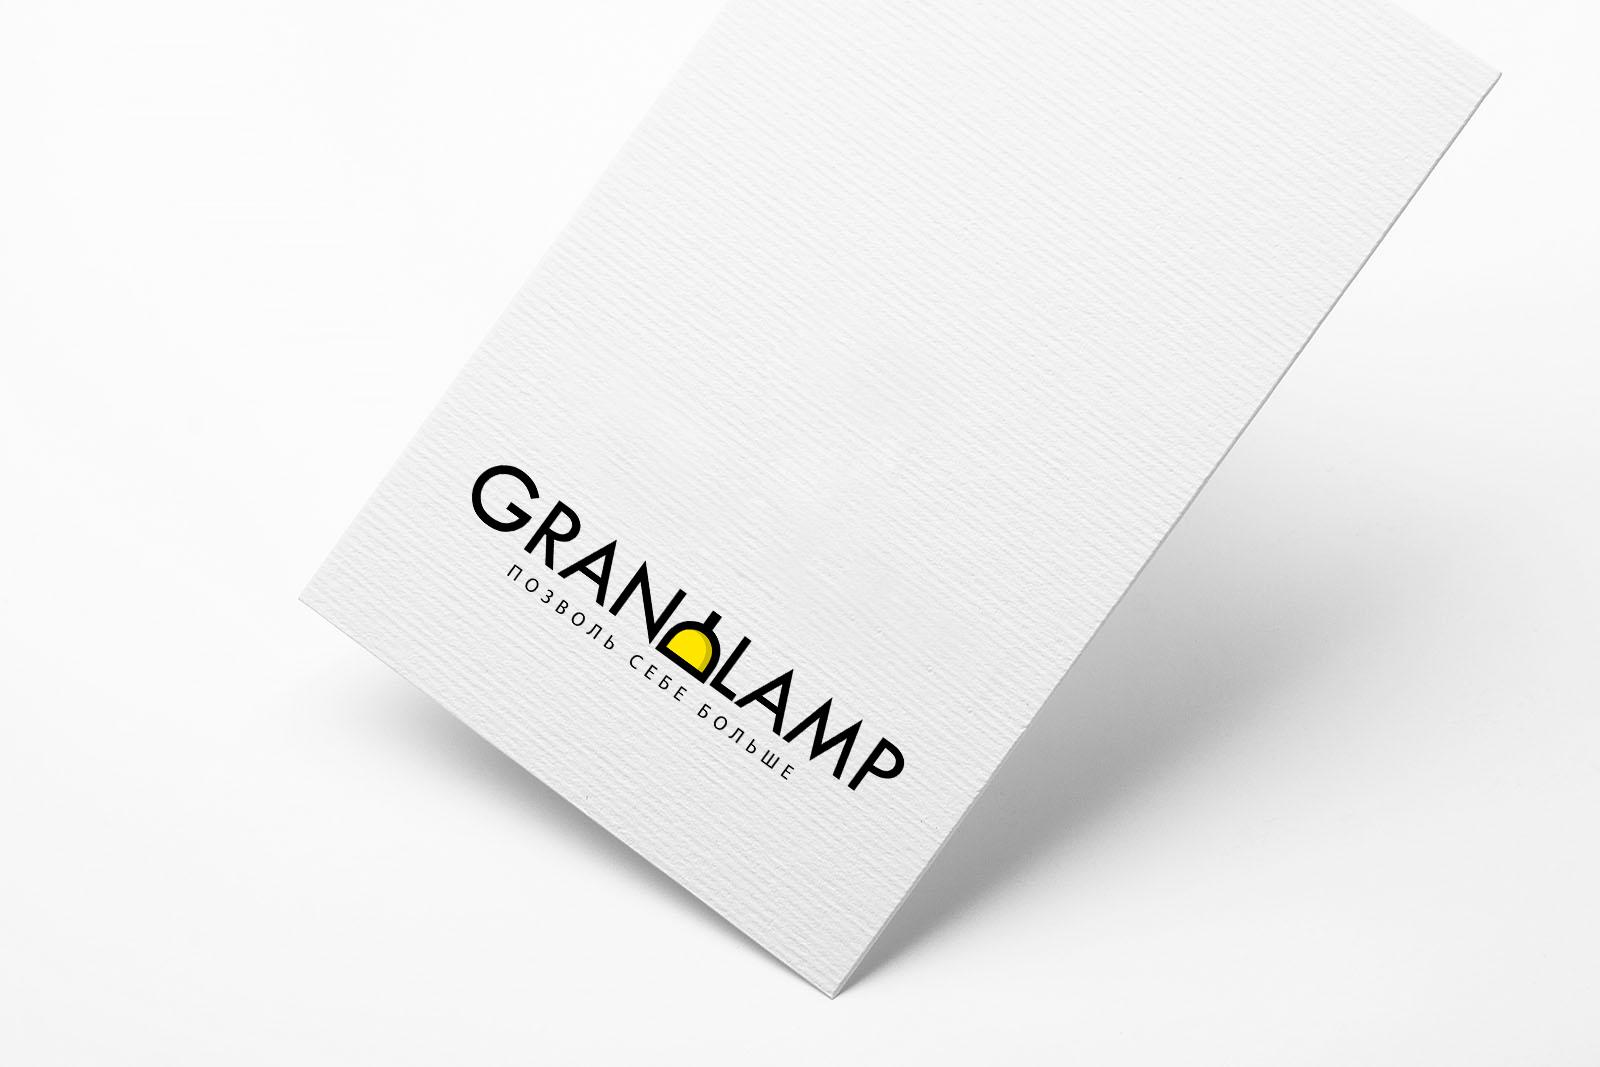 Разработка логотипа и элементов фирменного стиля фото f_59957e115cd17c2e.jpg